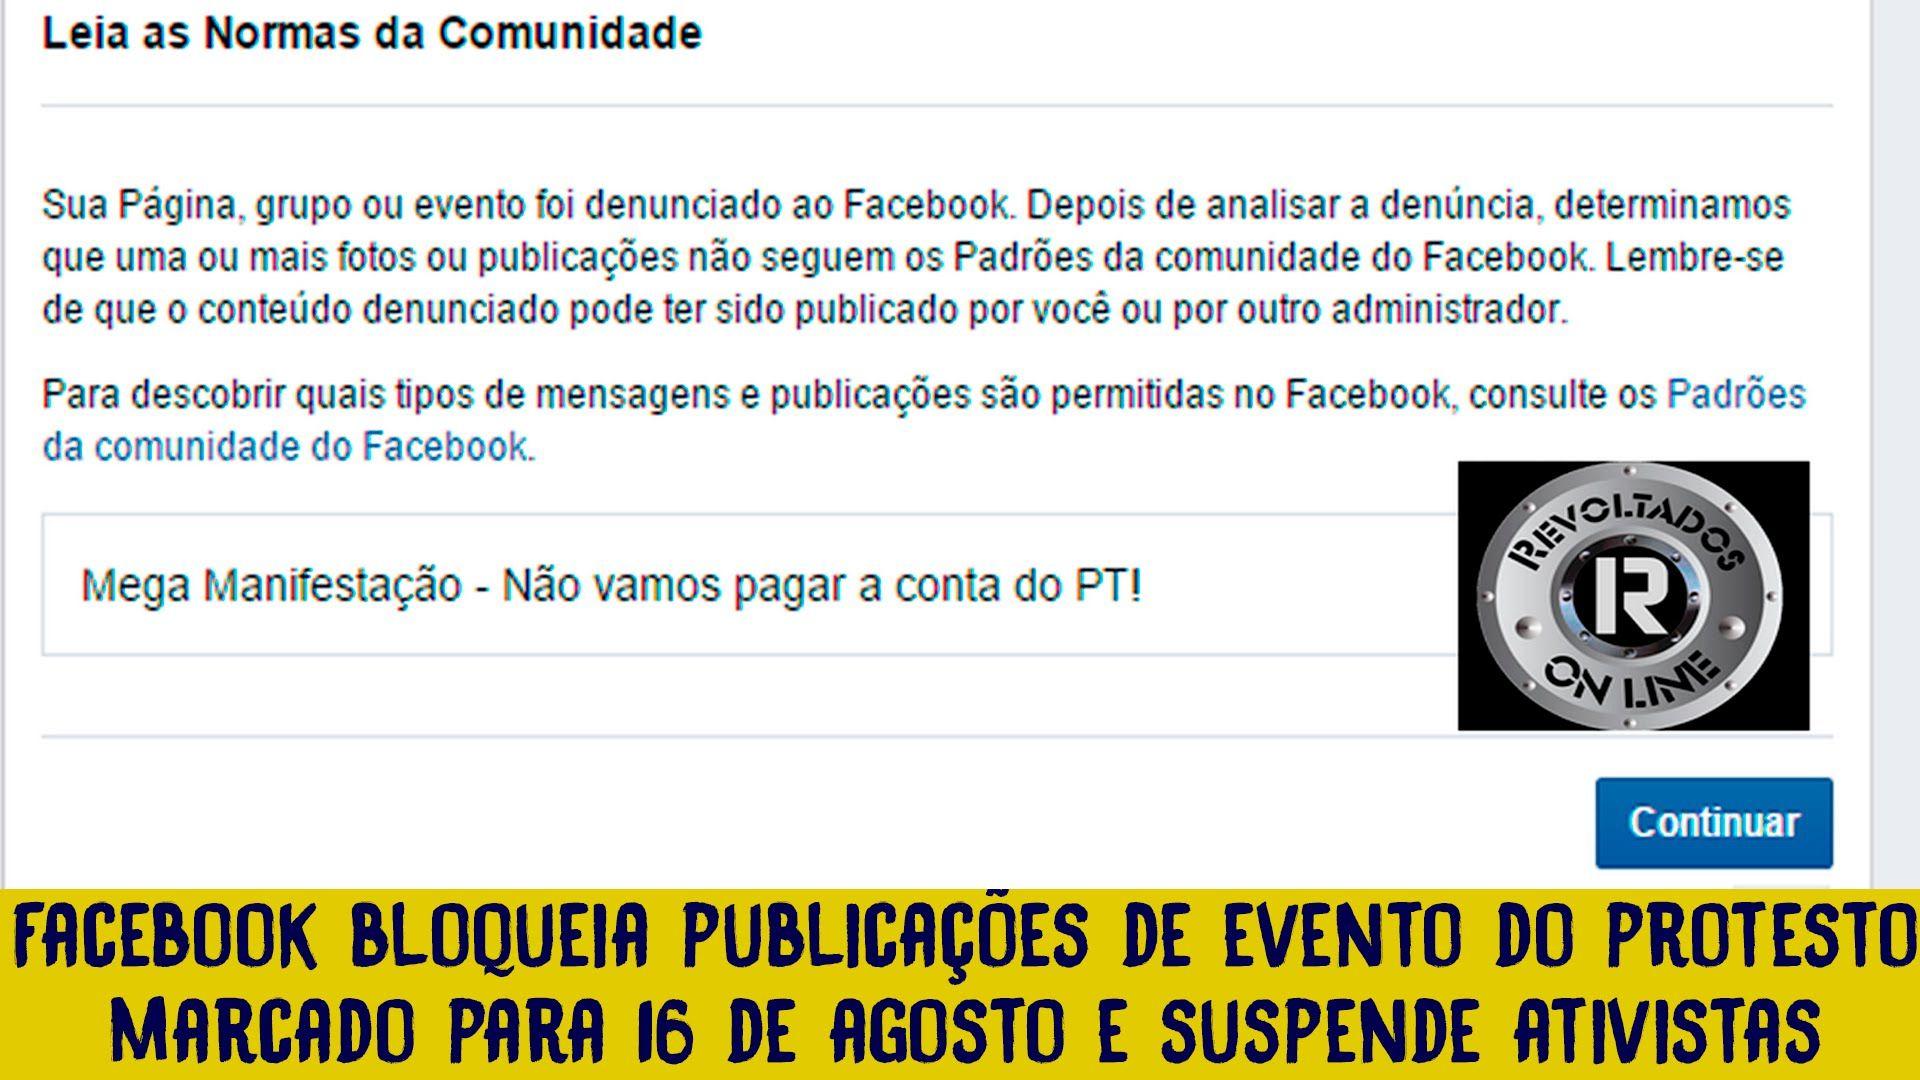 Facebook Bloqueia Publicações De Evento Do Protesto Marcado Para 16 De Agosto E Suspende Ativistas Evento Protesto Fotos